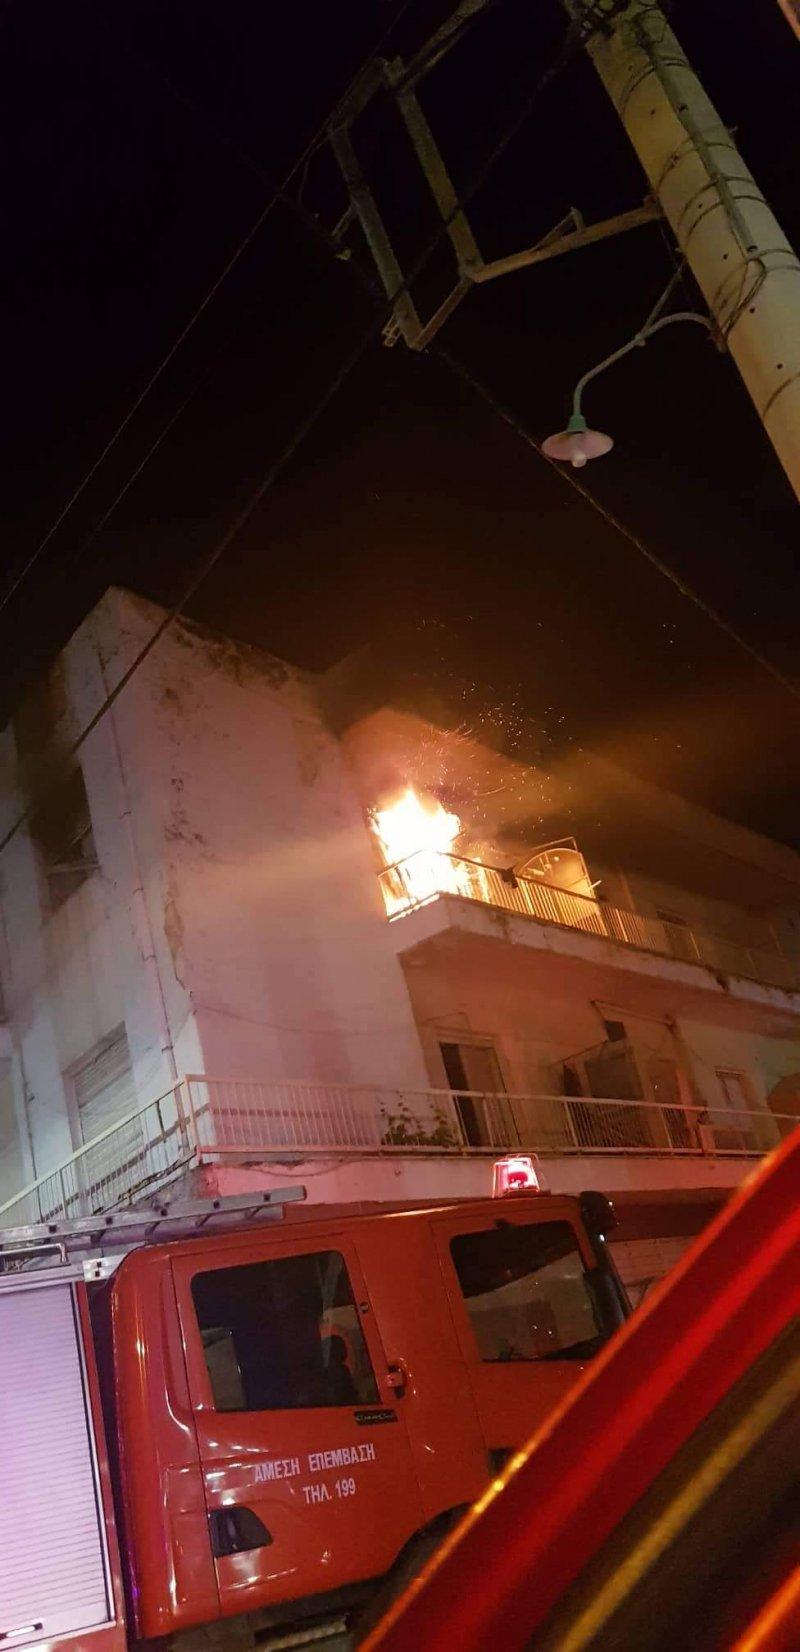 Πυρκαγιά σε πολυκατοικία χθες το βράδυ στη Νέα Αρτάκη Εύβοιας